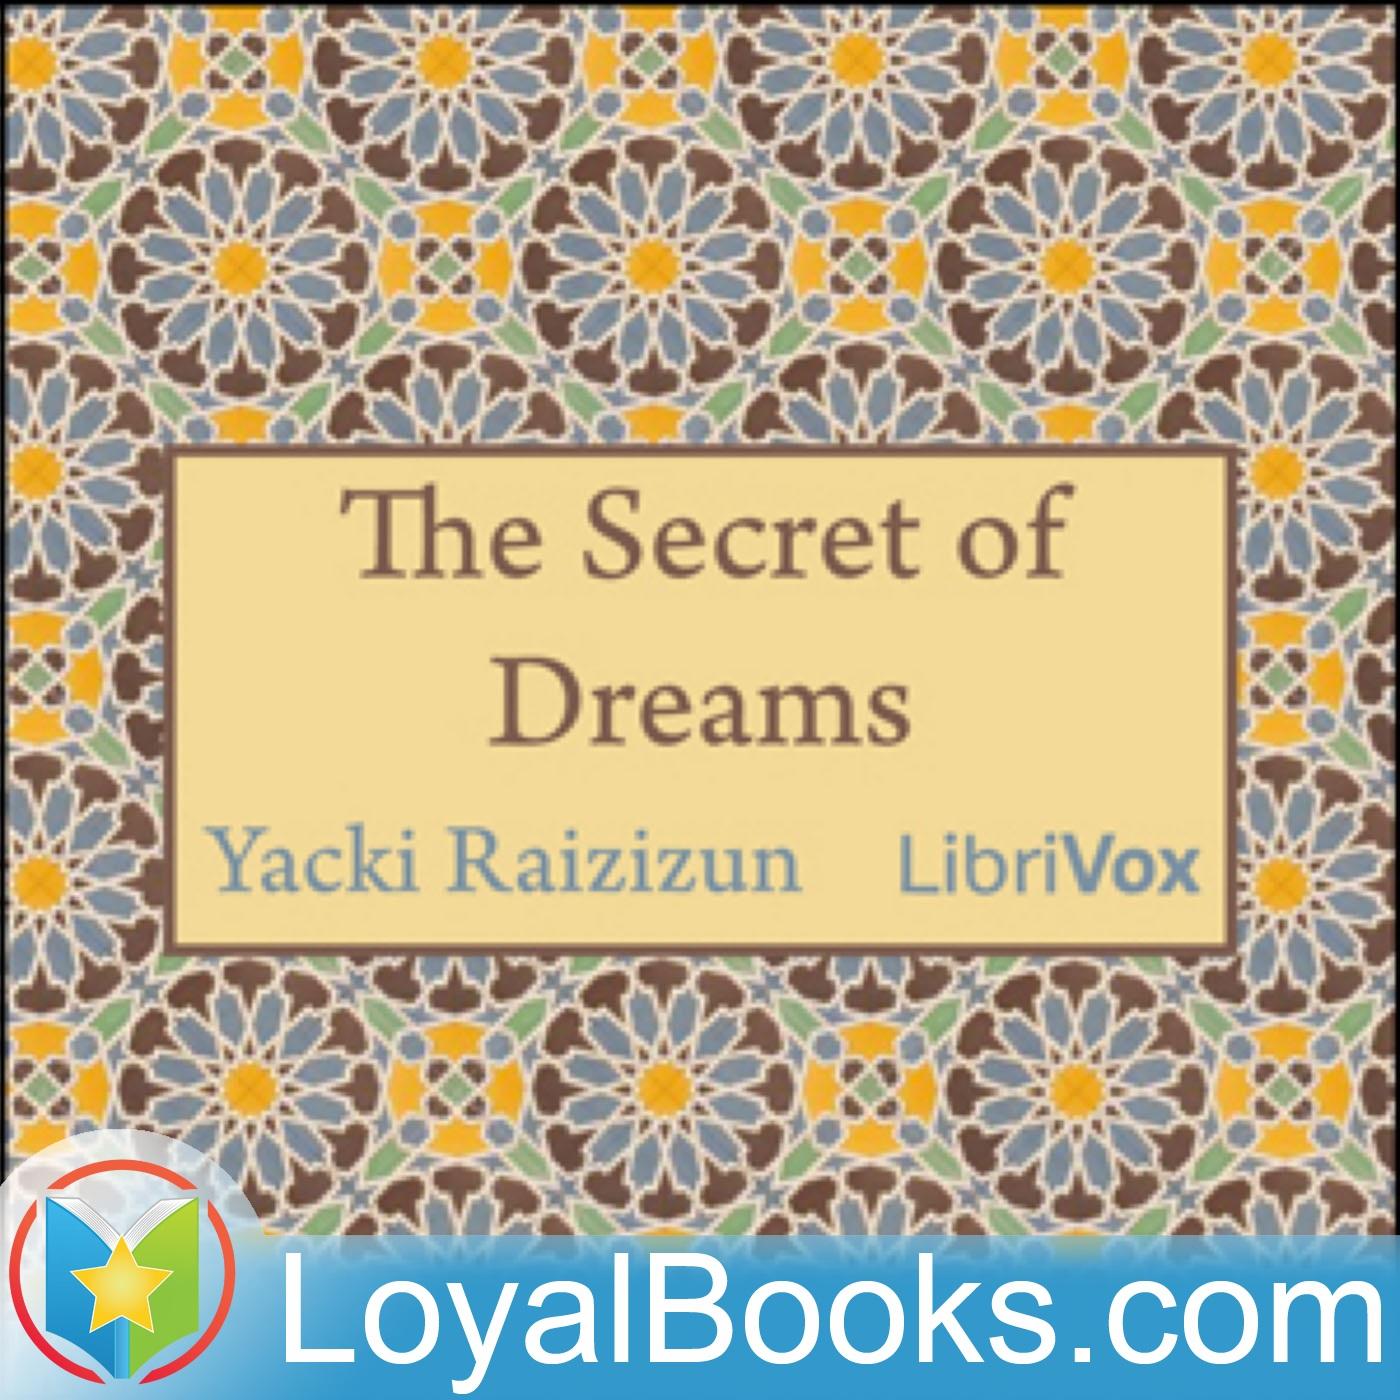 The Secret of Dreams by Yacki Raizizun  